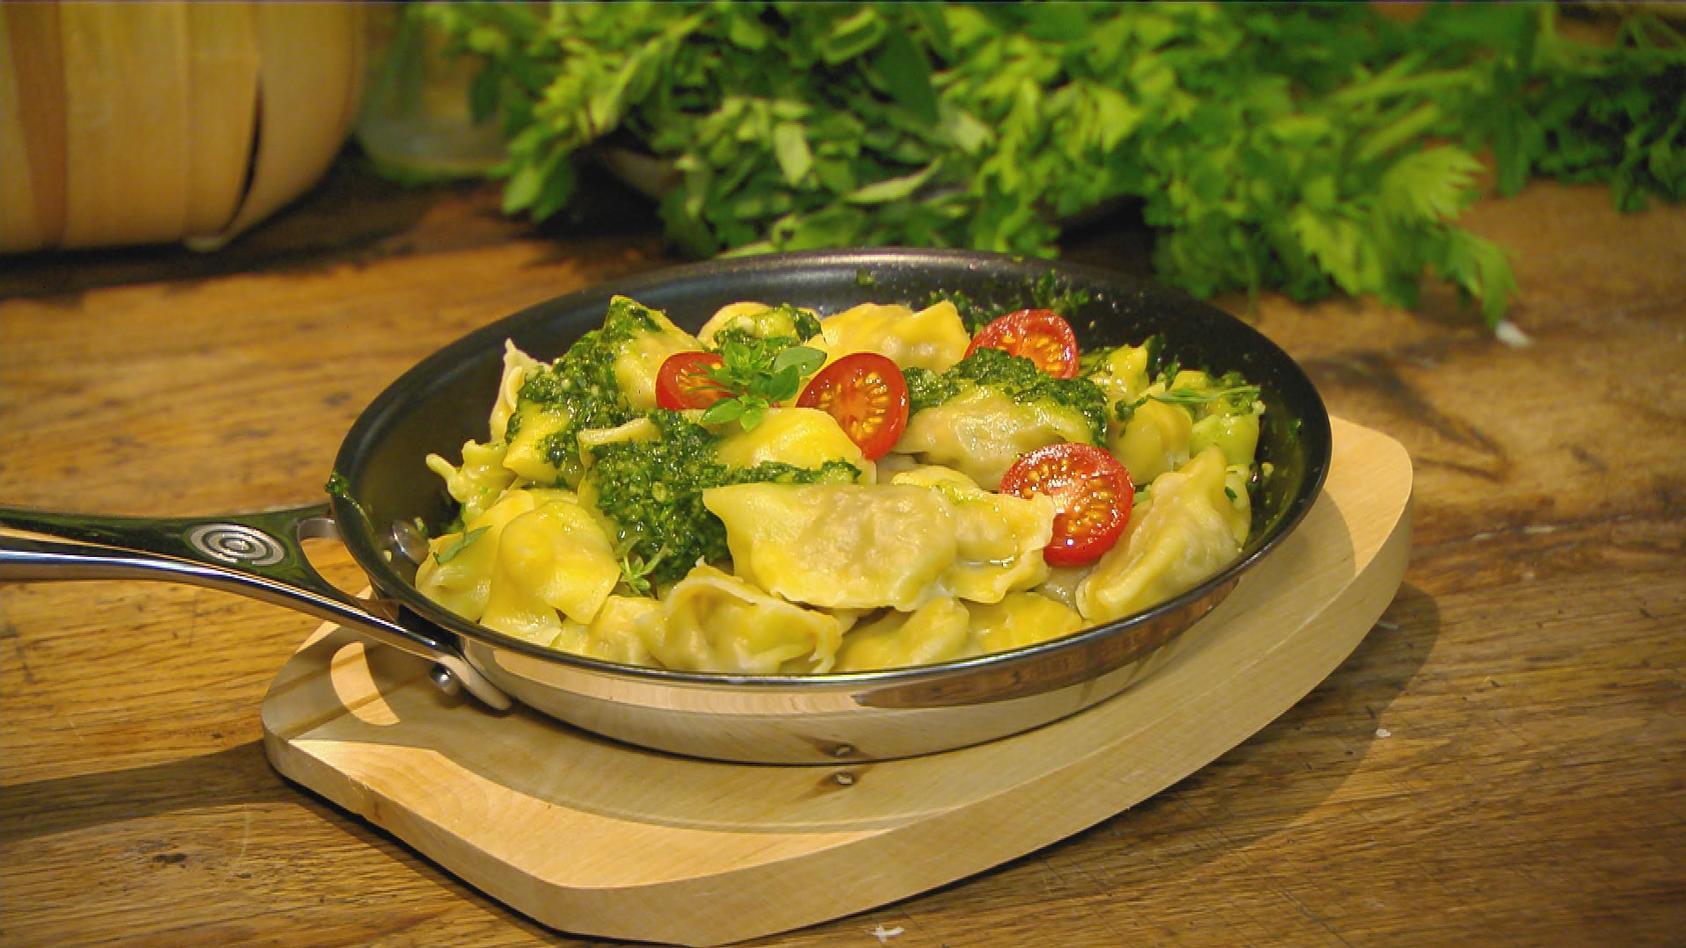 Heute gibt's Pasta. Basta!: Ravioli mit Kräuter-Pesto